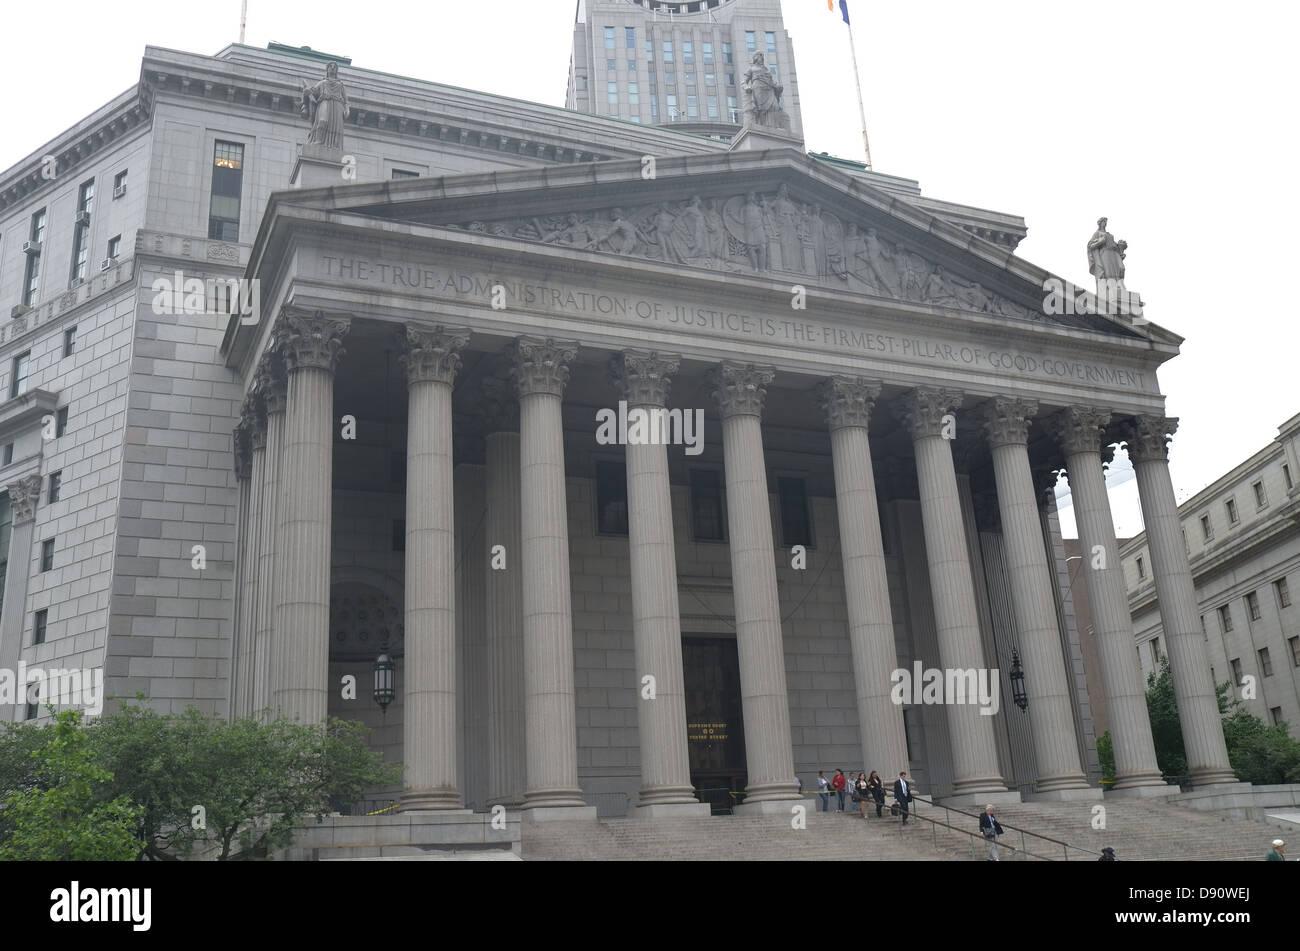 Thurgood Marshall United States Courthouse New York City - Stock Image